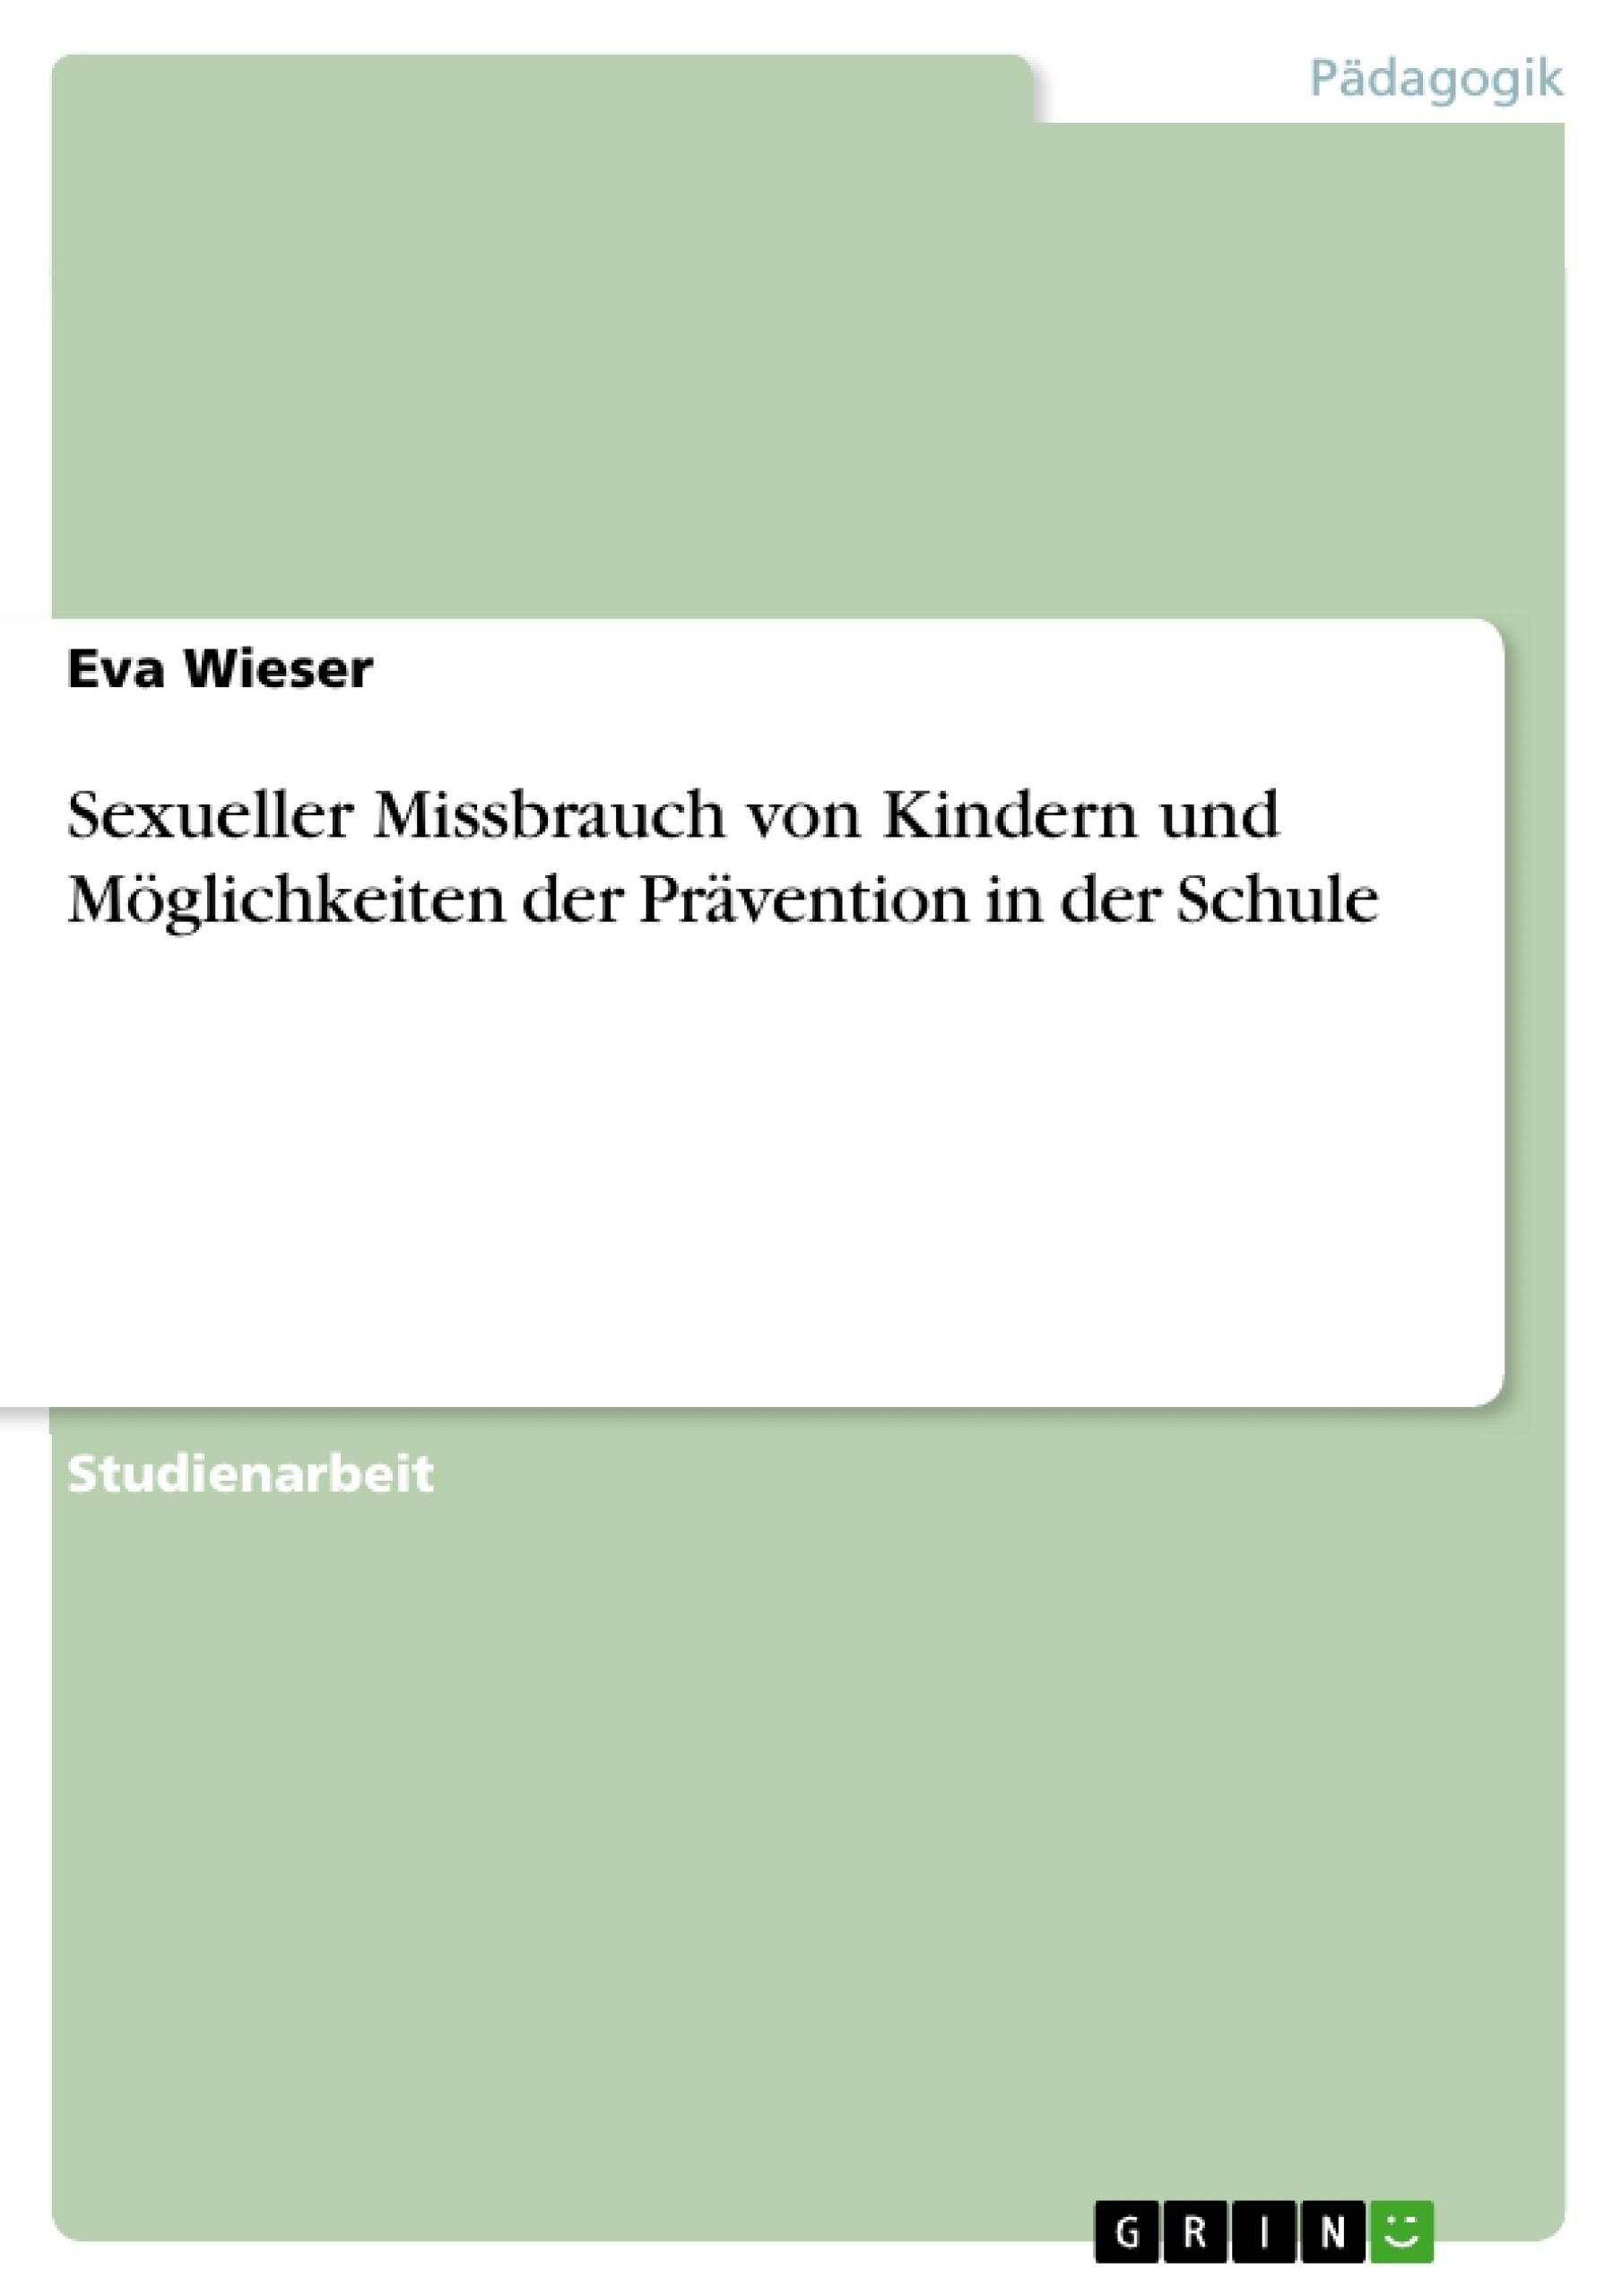 Titel: Sexueller Missbrauch von Kindern und Möglichkeiten der Prävention in der Schule